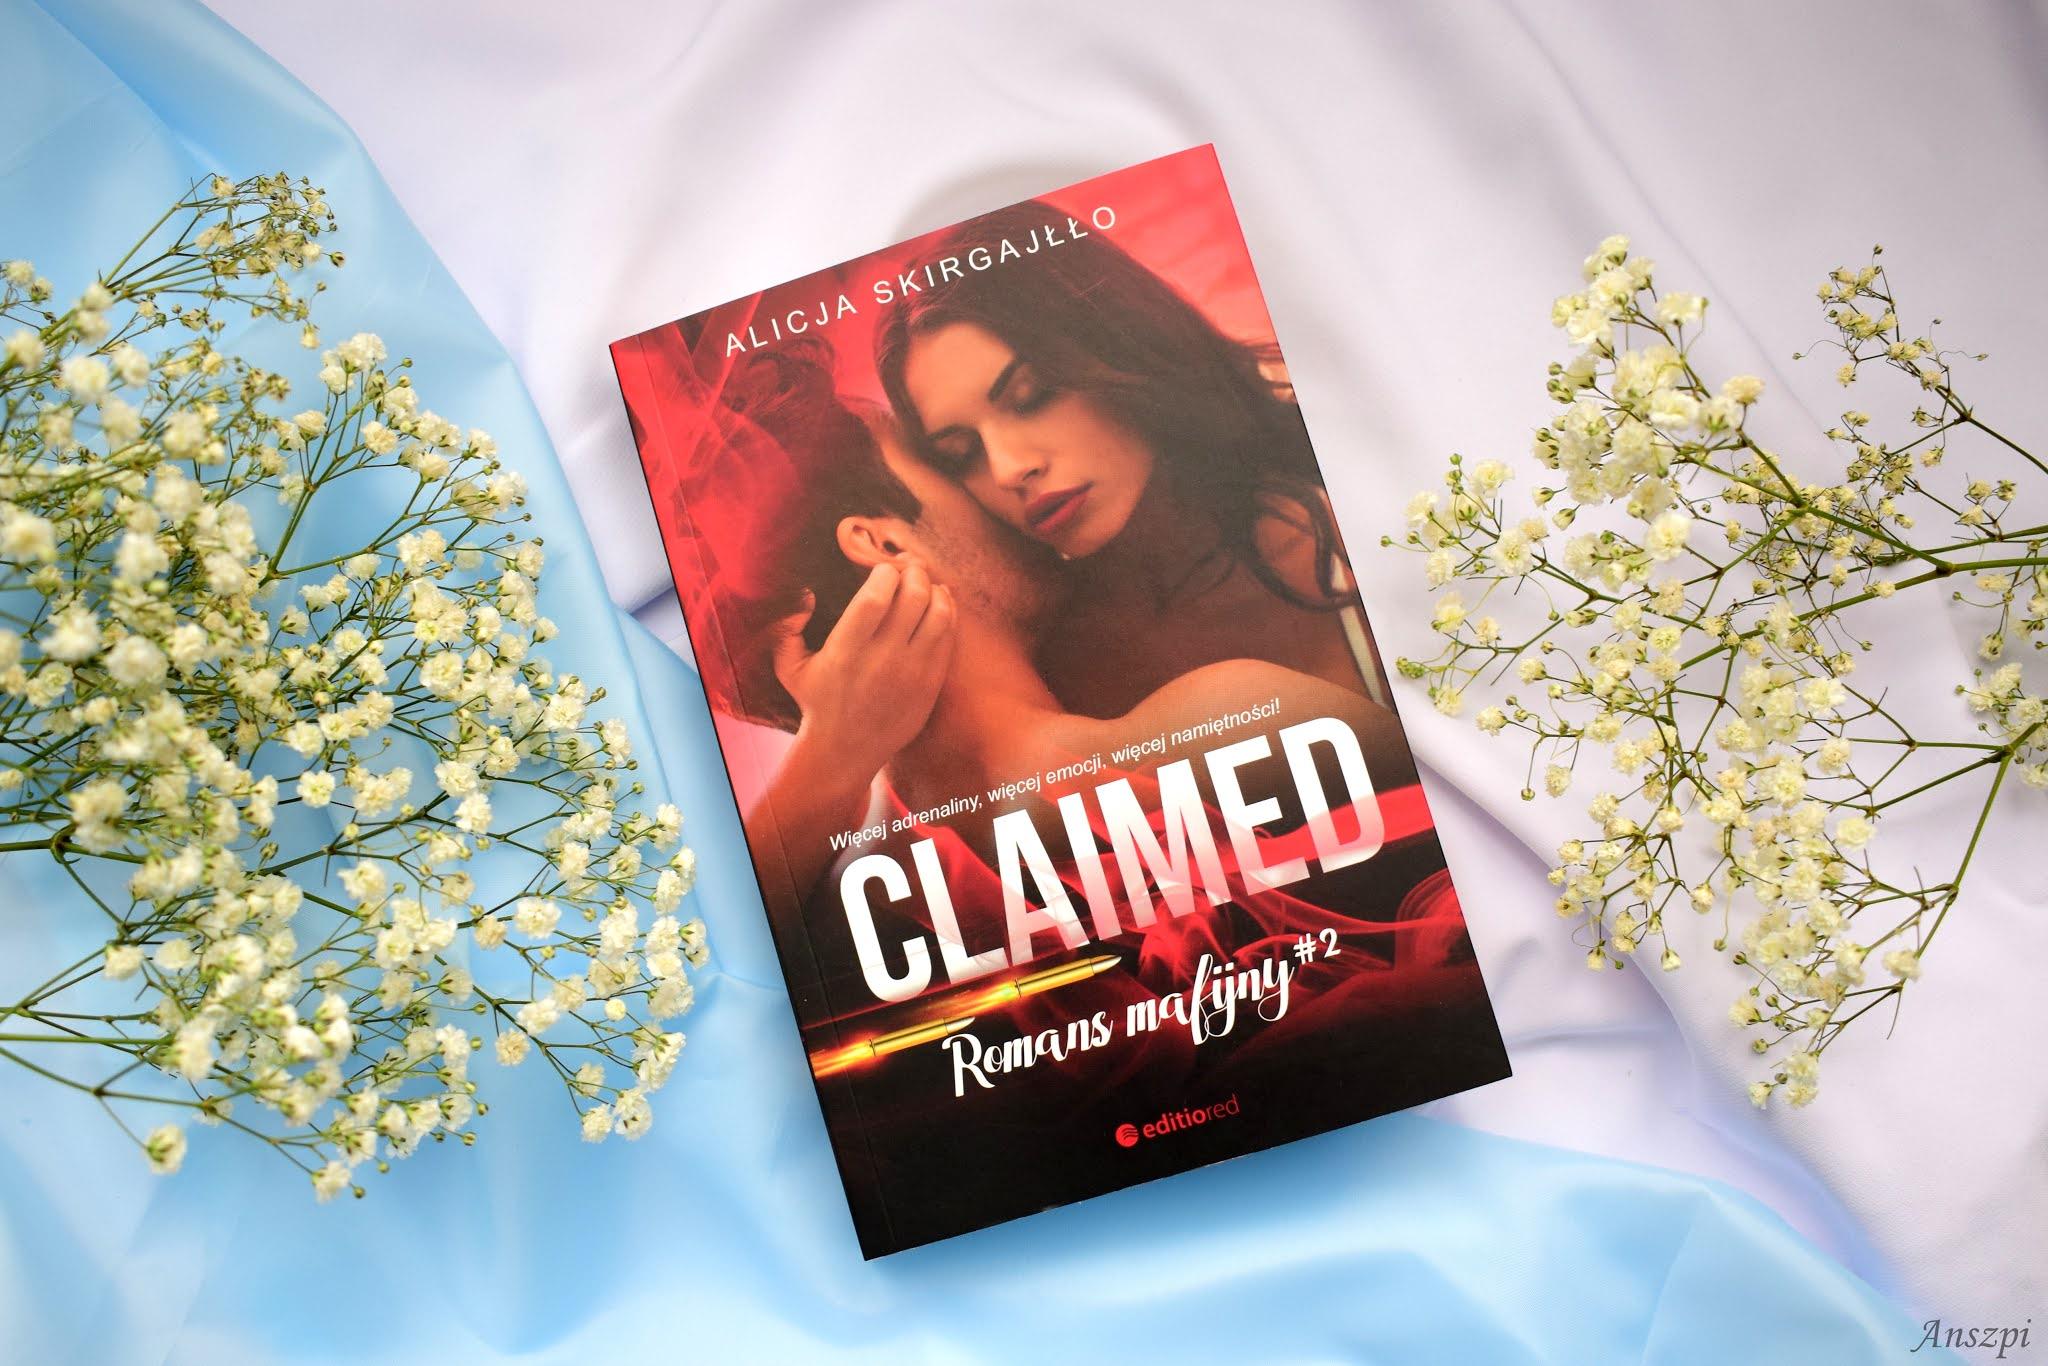 Claimed. Romans mafijny #2, Alicja Skirgajłło